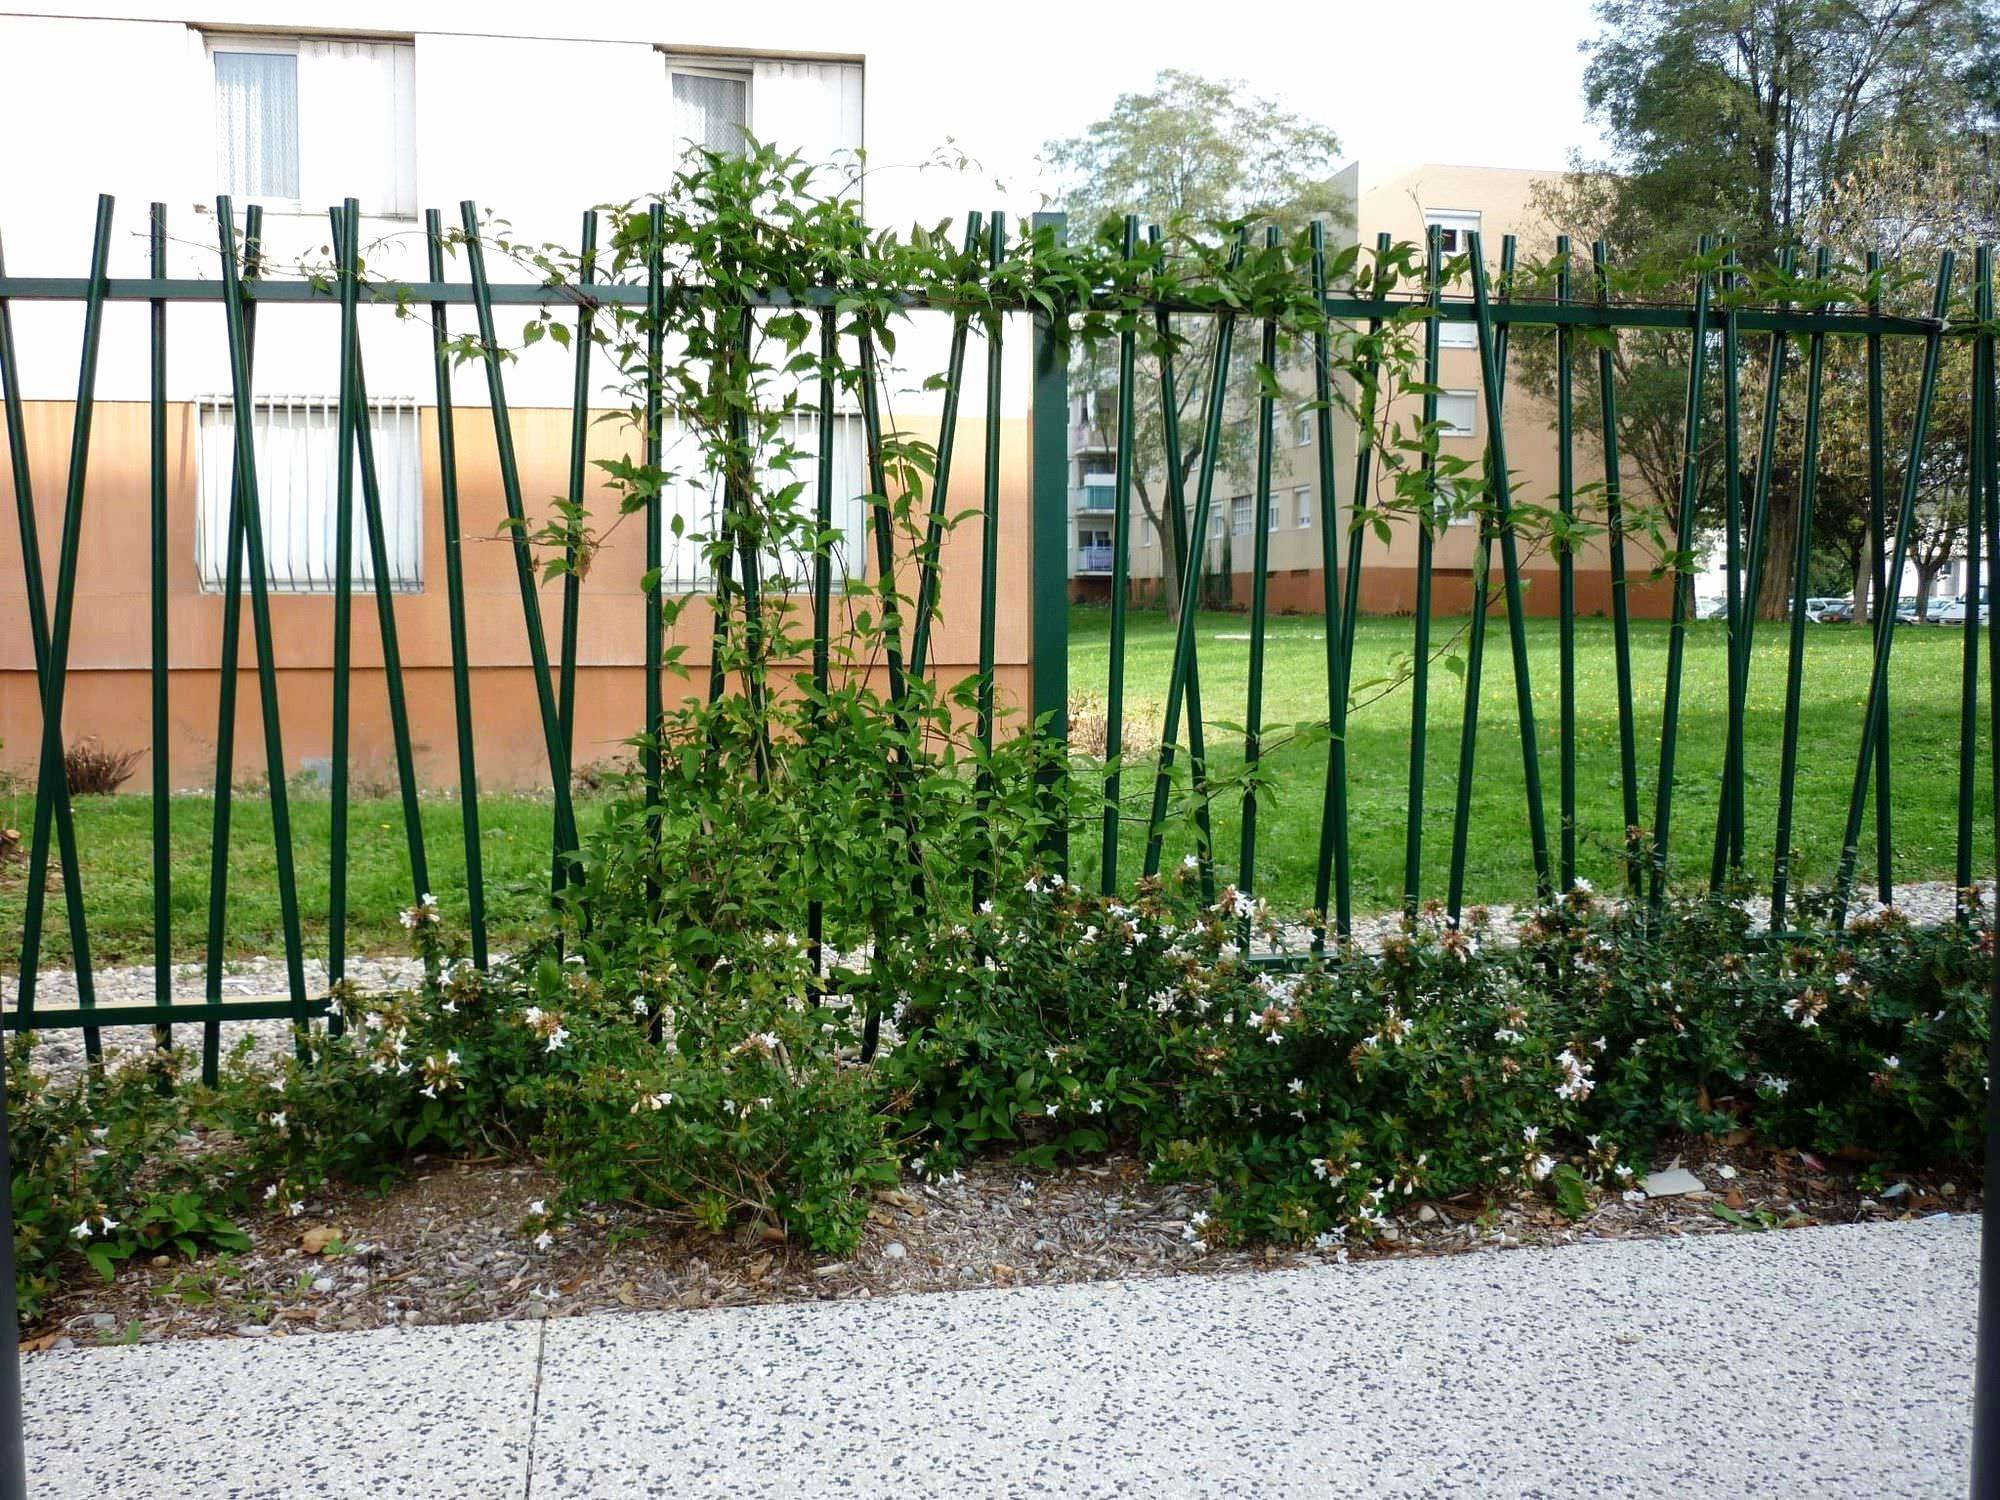 Mobilier Jardin Castorama Beau Image Cabanon De Jardin Castorama De Meilleur Cabane De Jardin originale